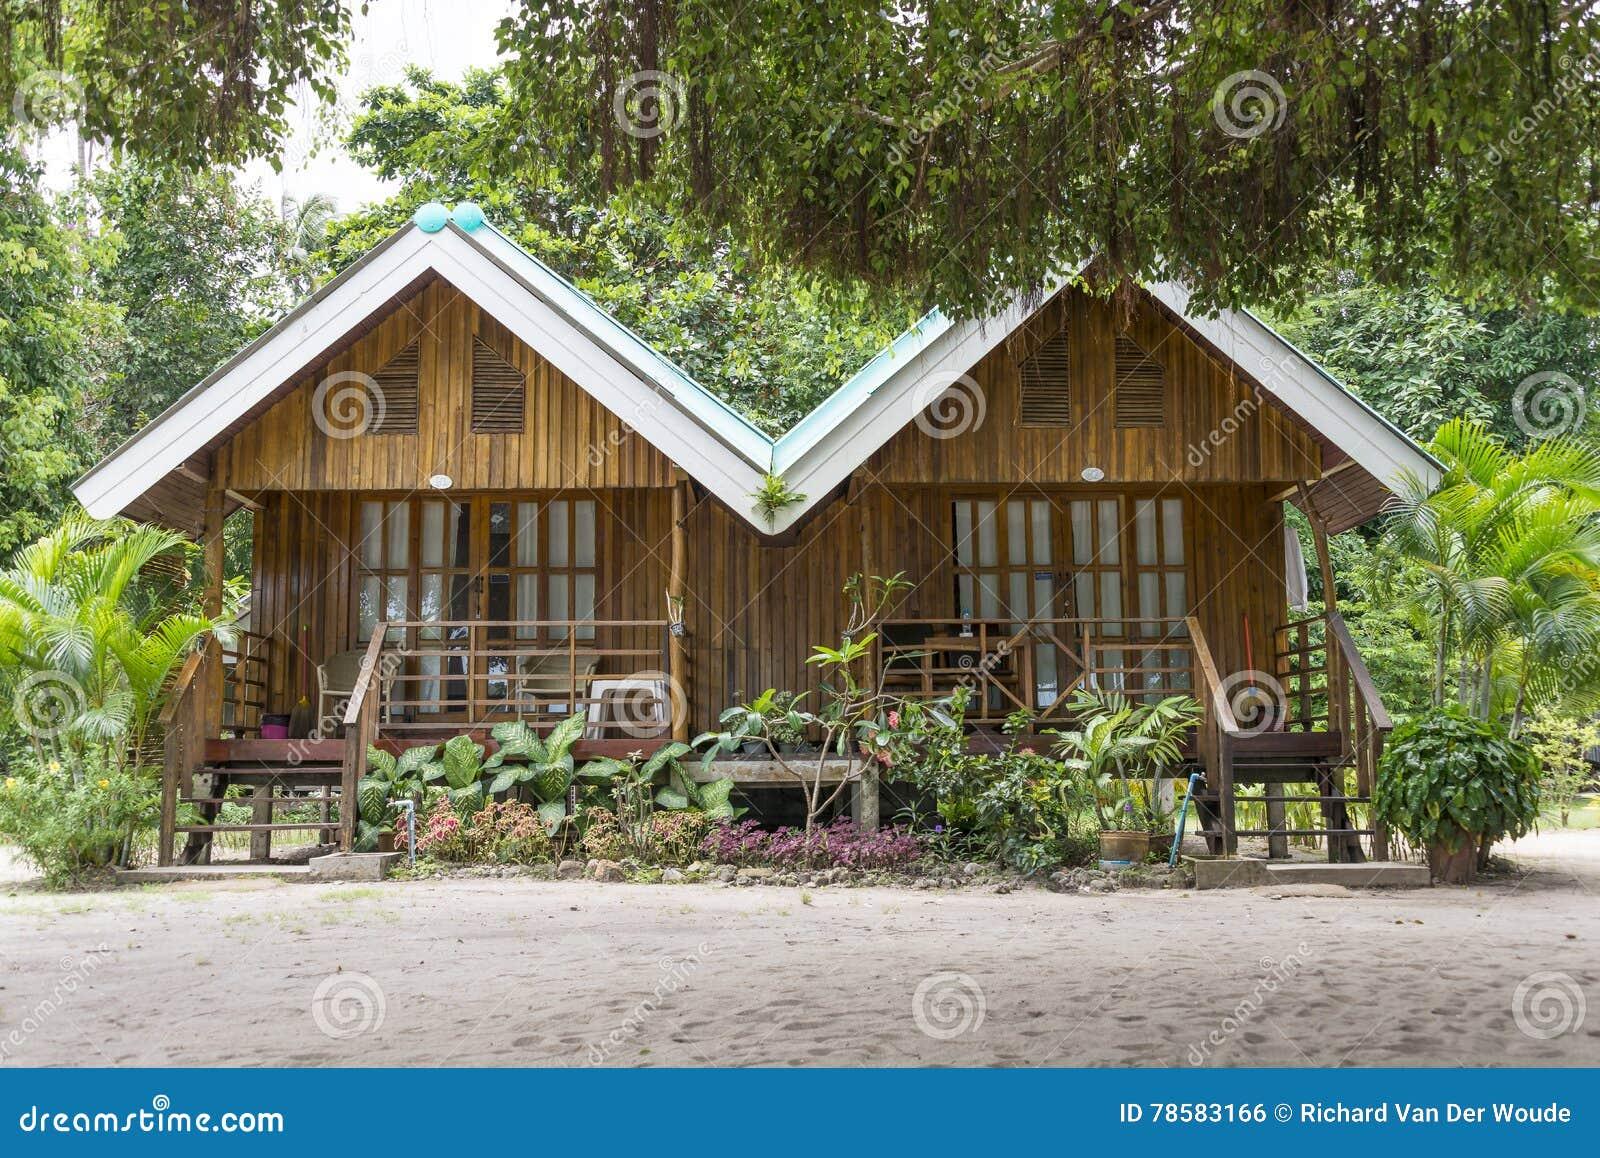 Bangbao Beach Resort Koh Chang Thailand Editorial Photo Image Of